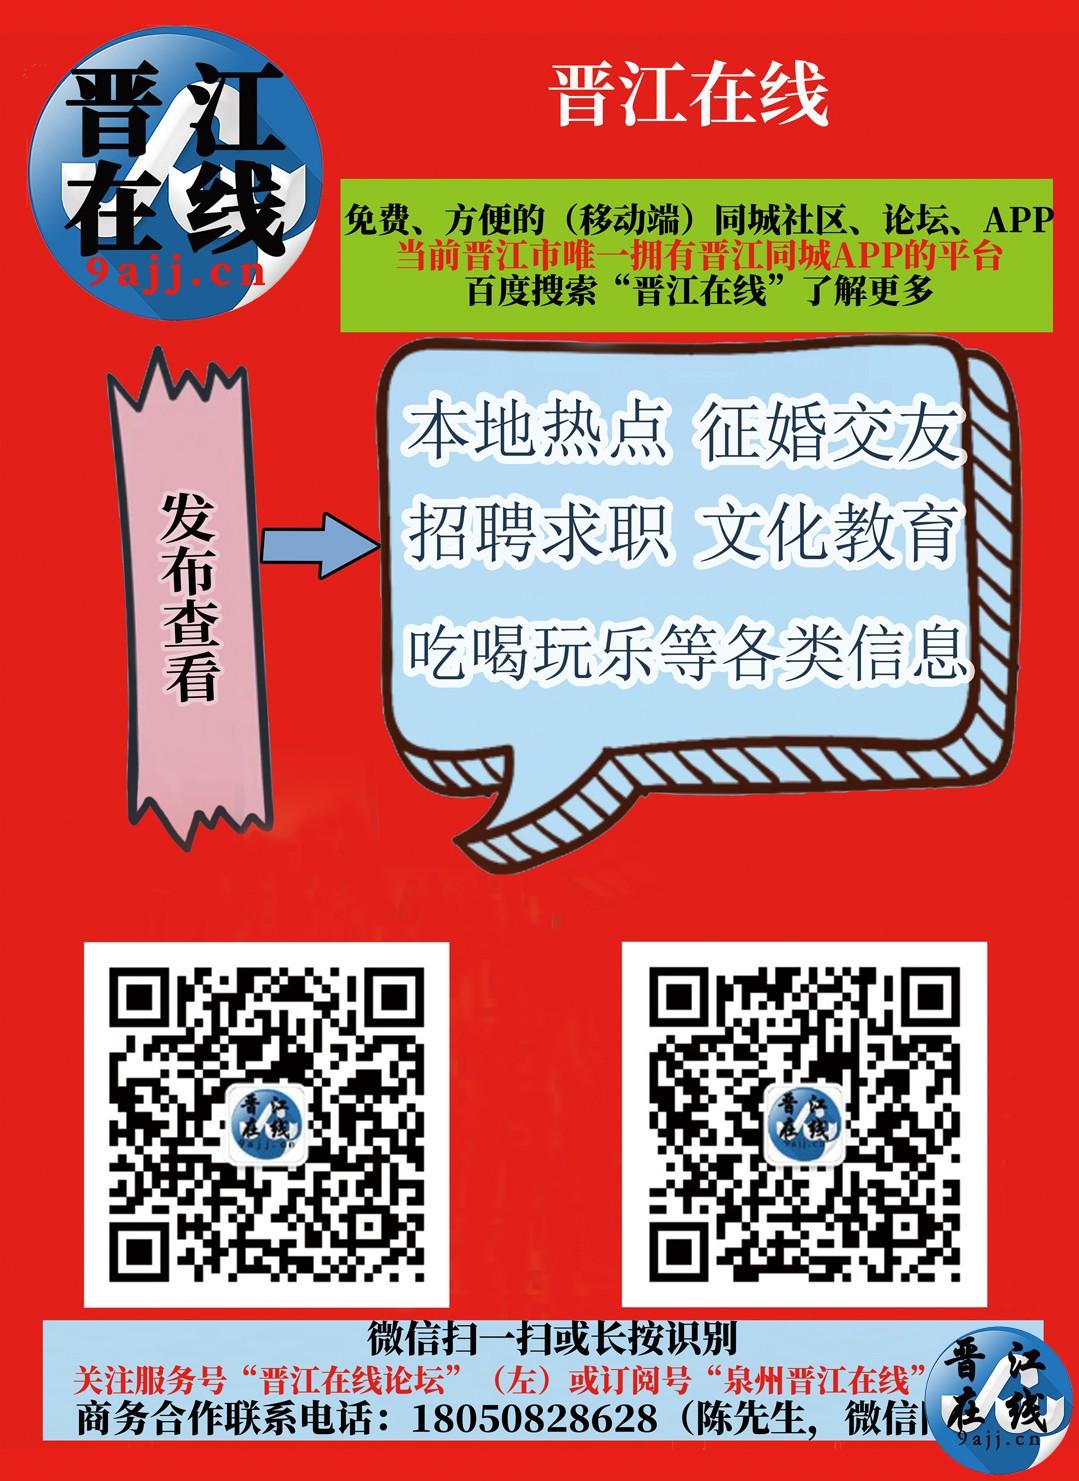 晋江在线海报202005.jpg